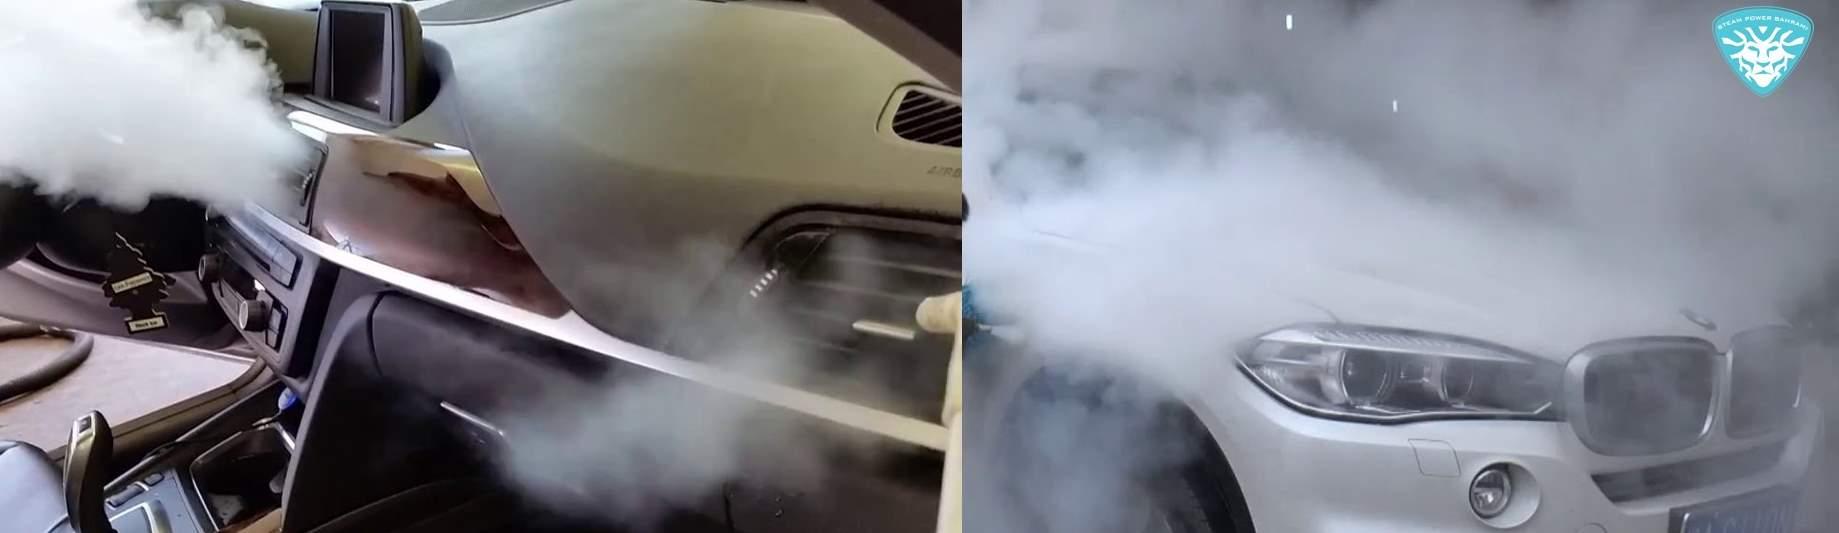 شستشو با بخار شستشو بدنه ماشین با بخار روشویی با بخار شستشو داخل کابین خودرو با بخار صفرشویی با بخار